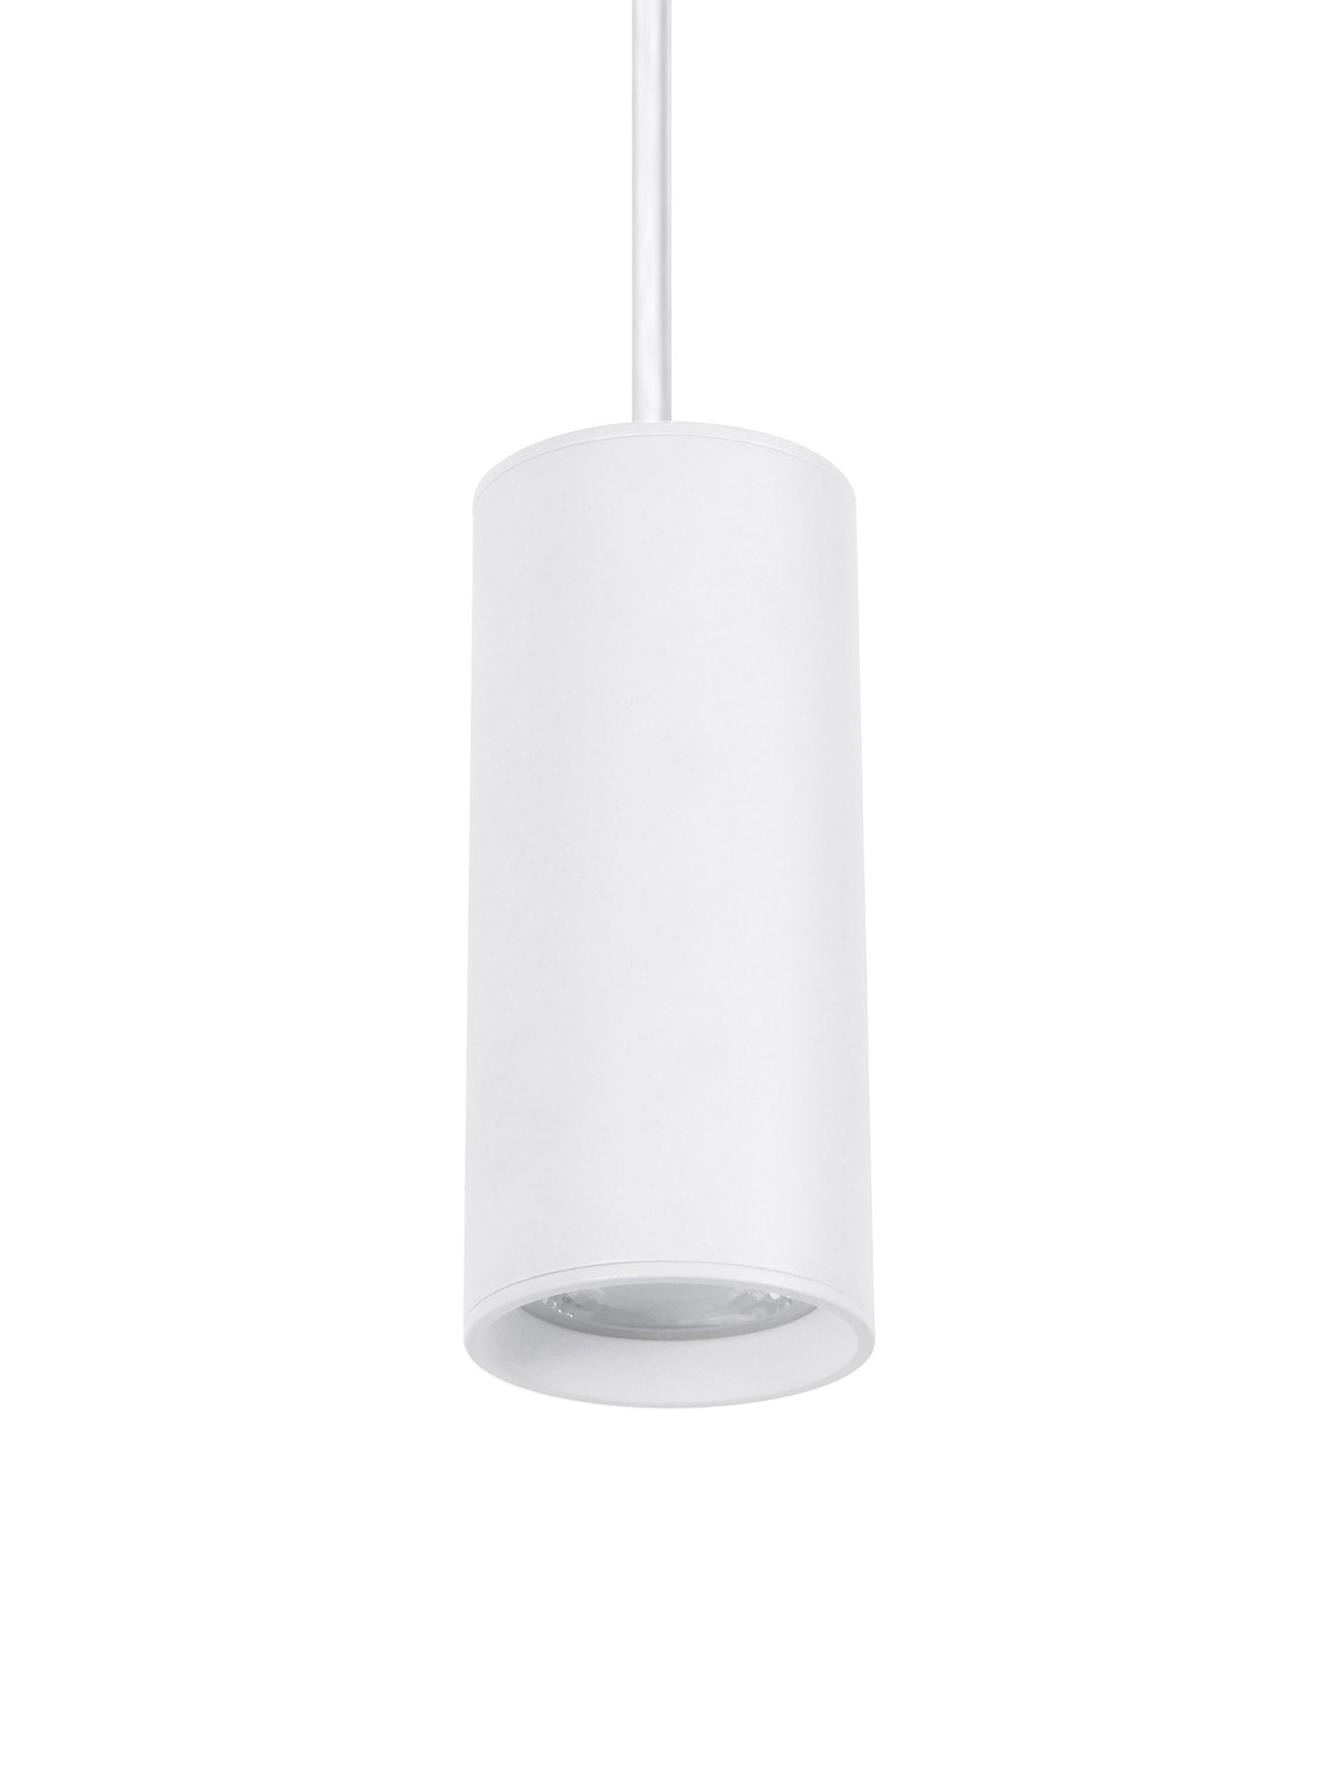 Kleine Pendelleuchte Aila, Lampenschirm: Aluminium, beschichtet, Baldachin: Aluminium, beschichtet, Weiß, Ø 6 x H 120 cm